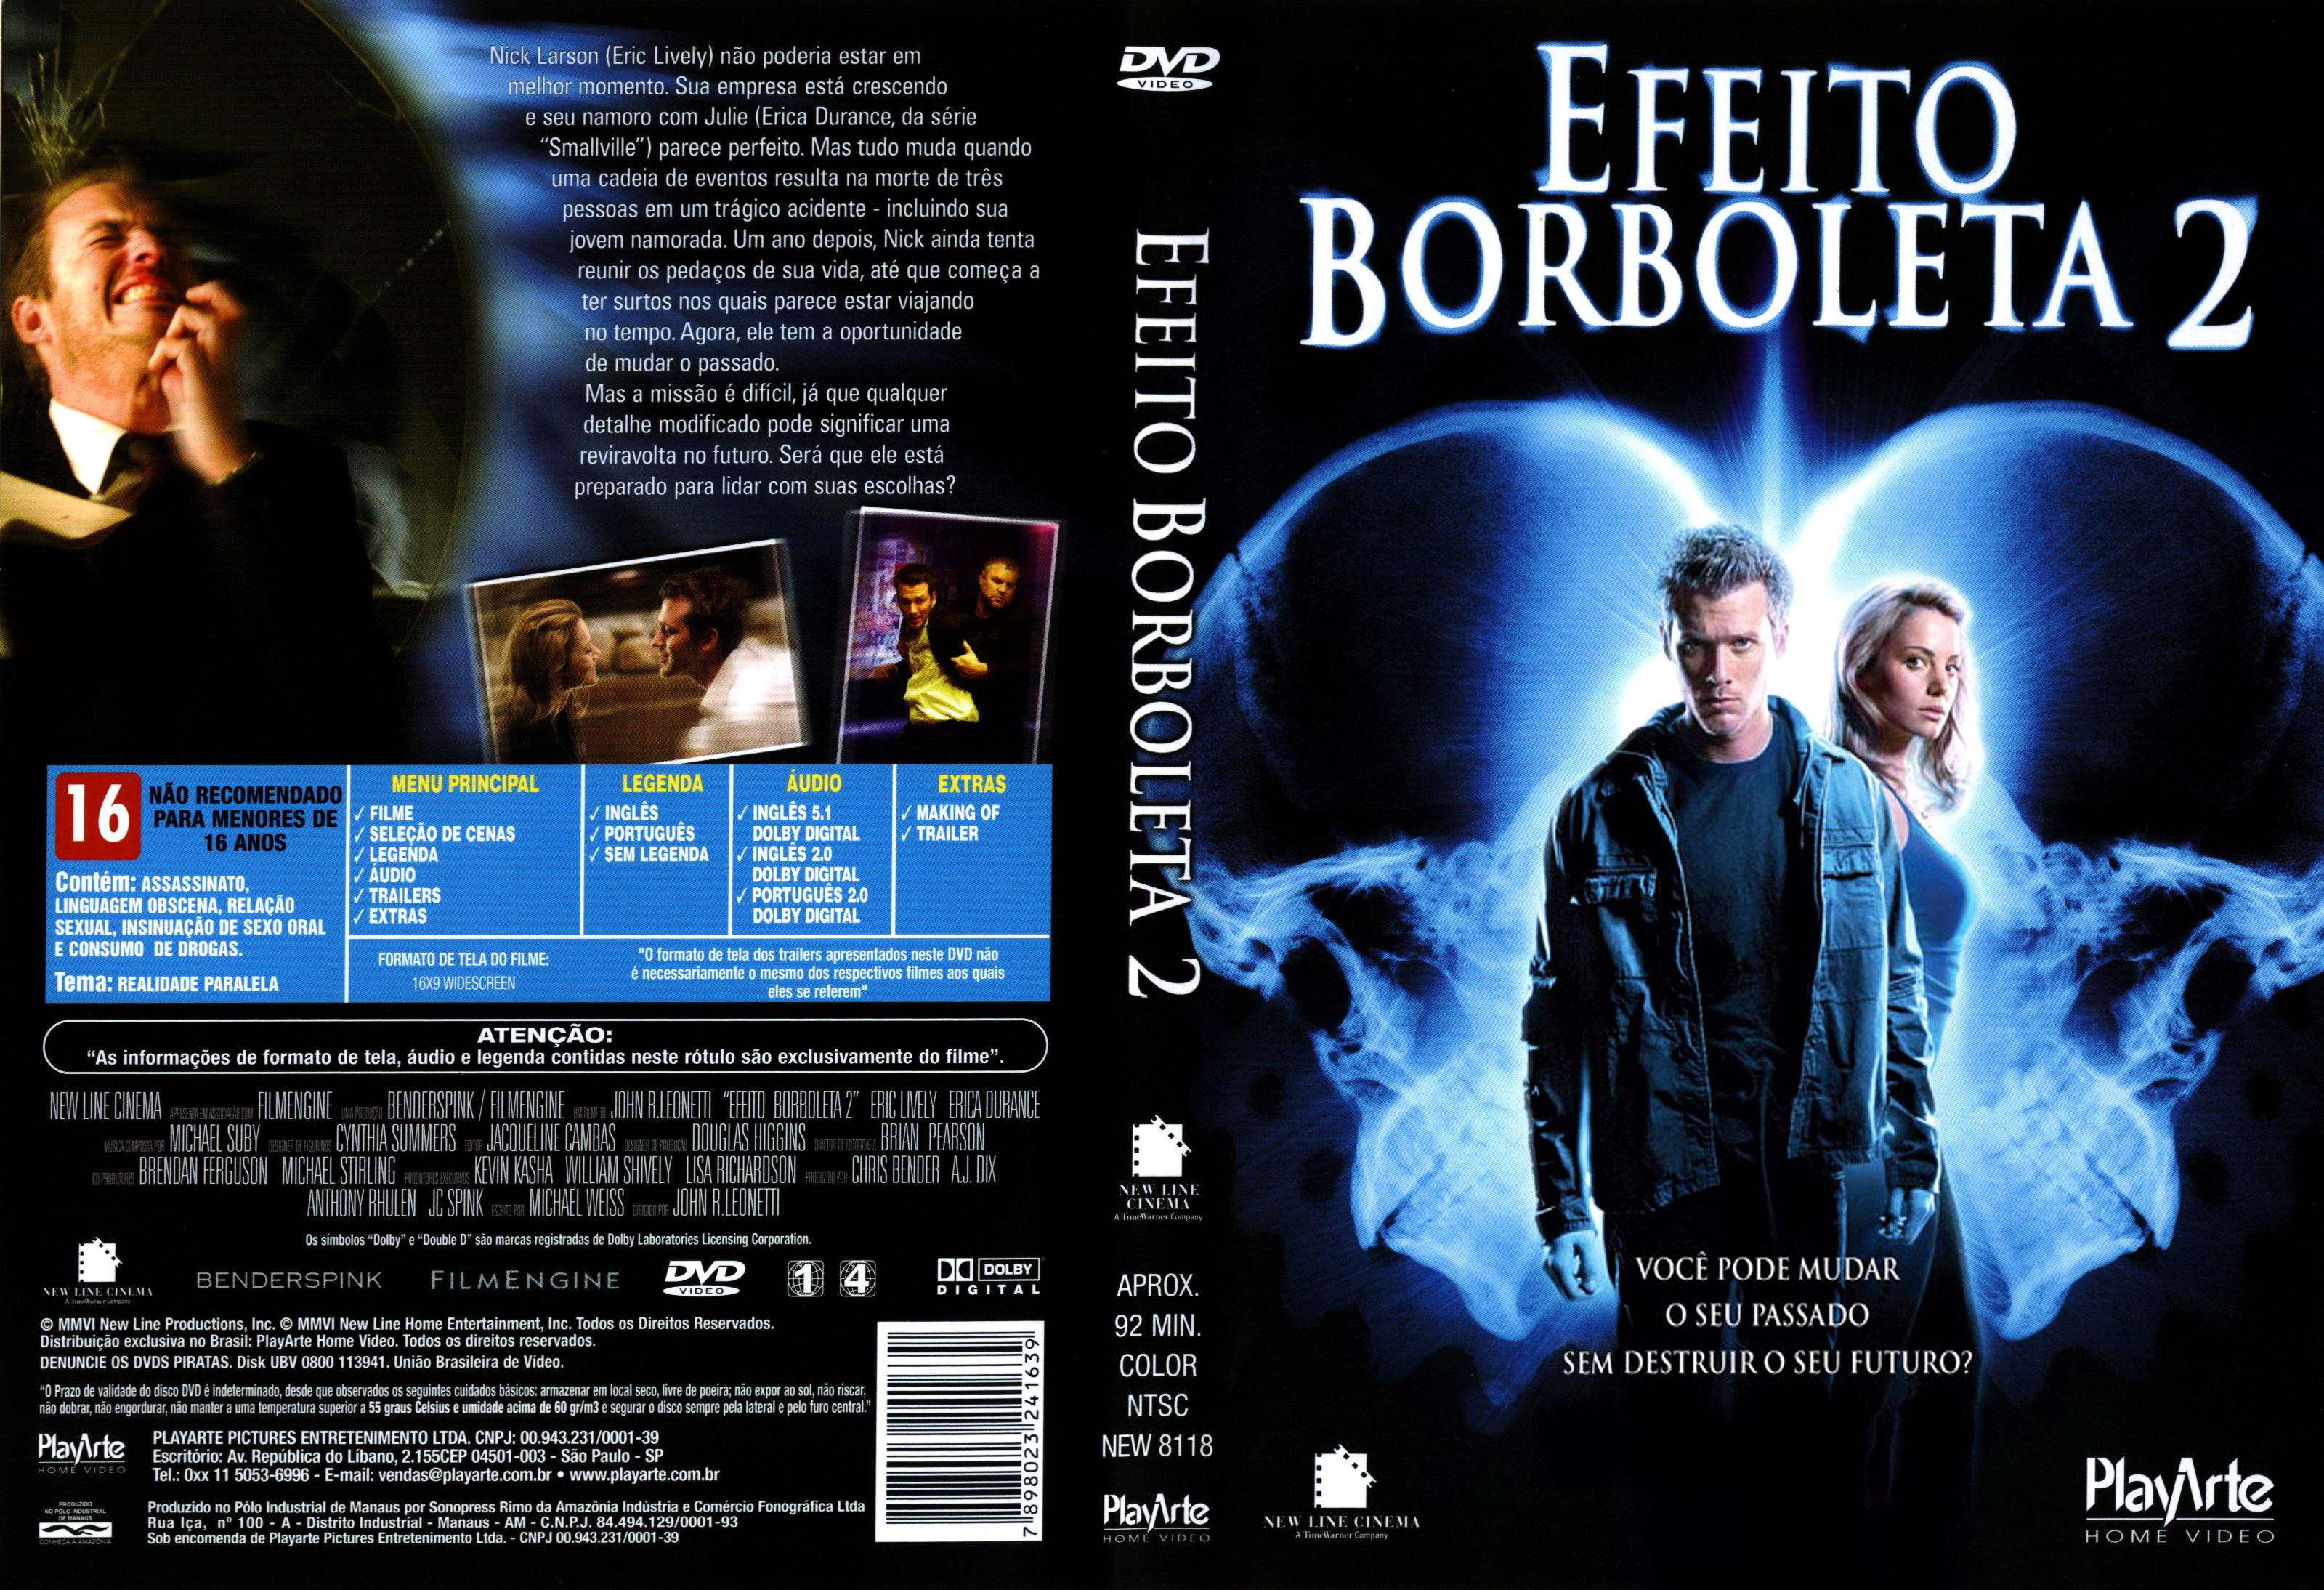 EfeitoBorboleta2